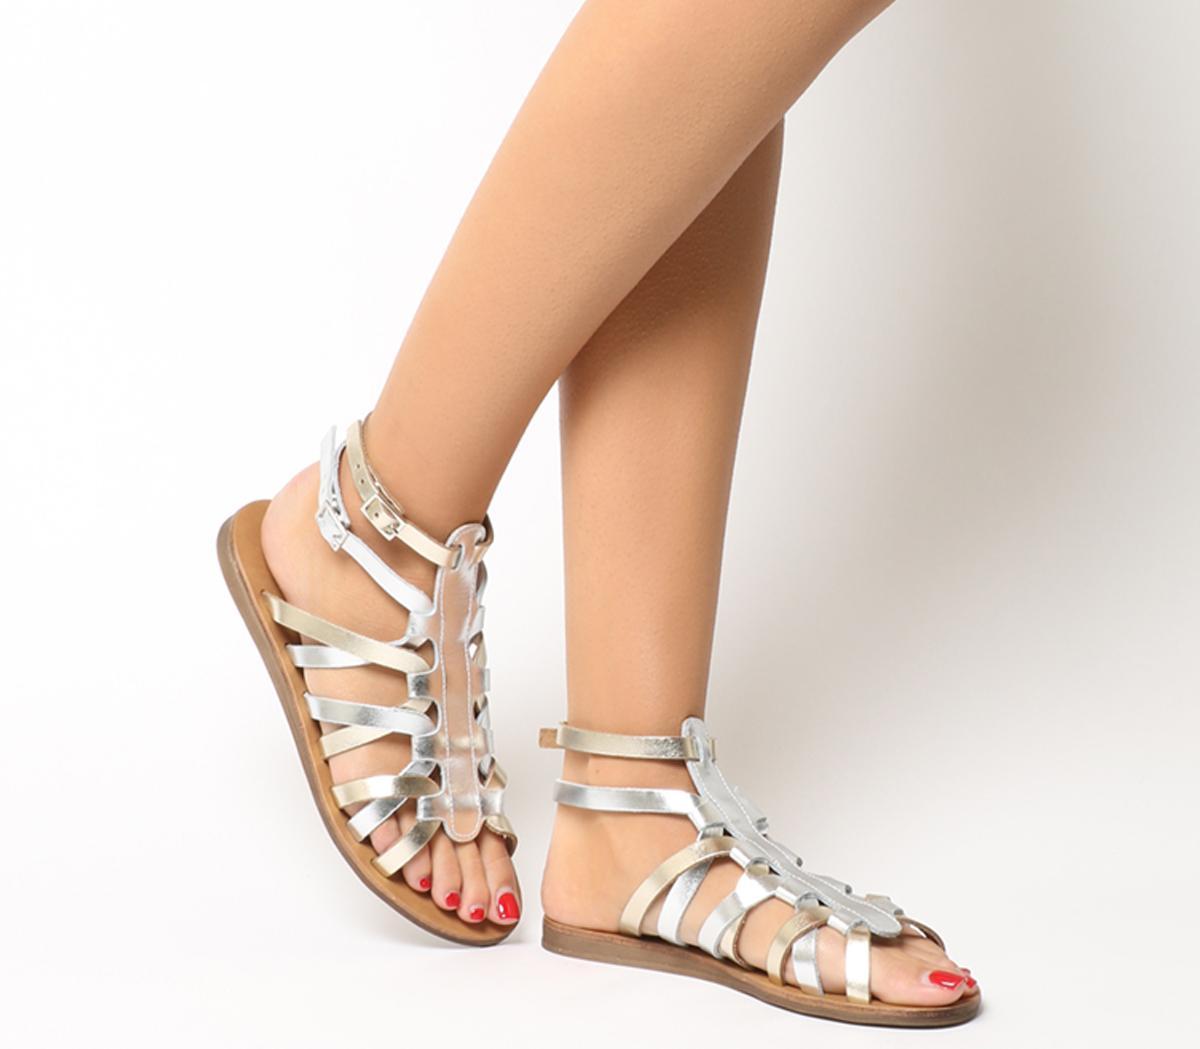 Sardinia Gladiator Sandals